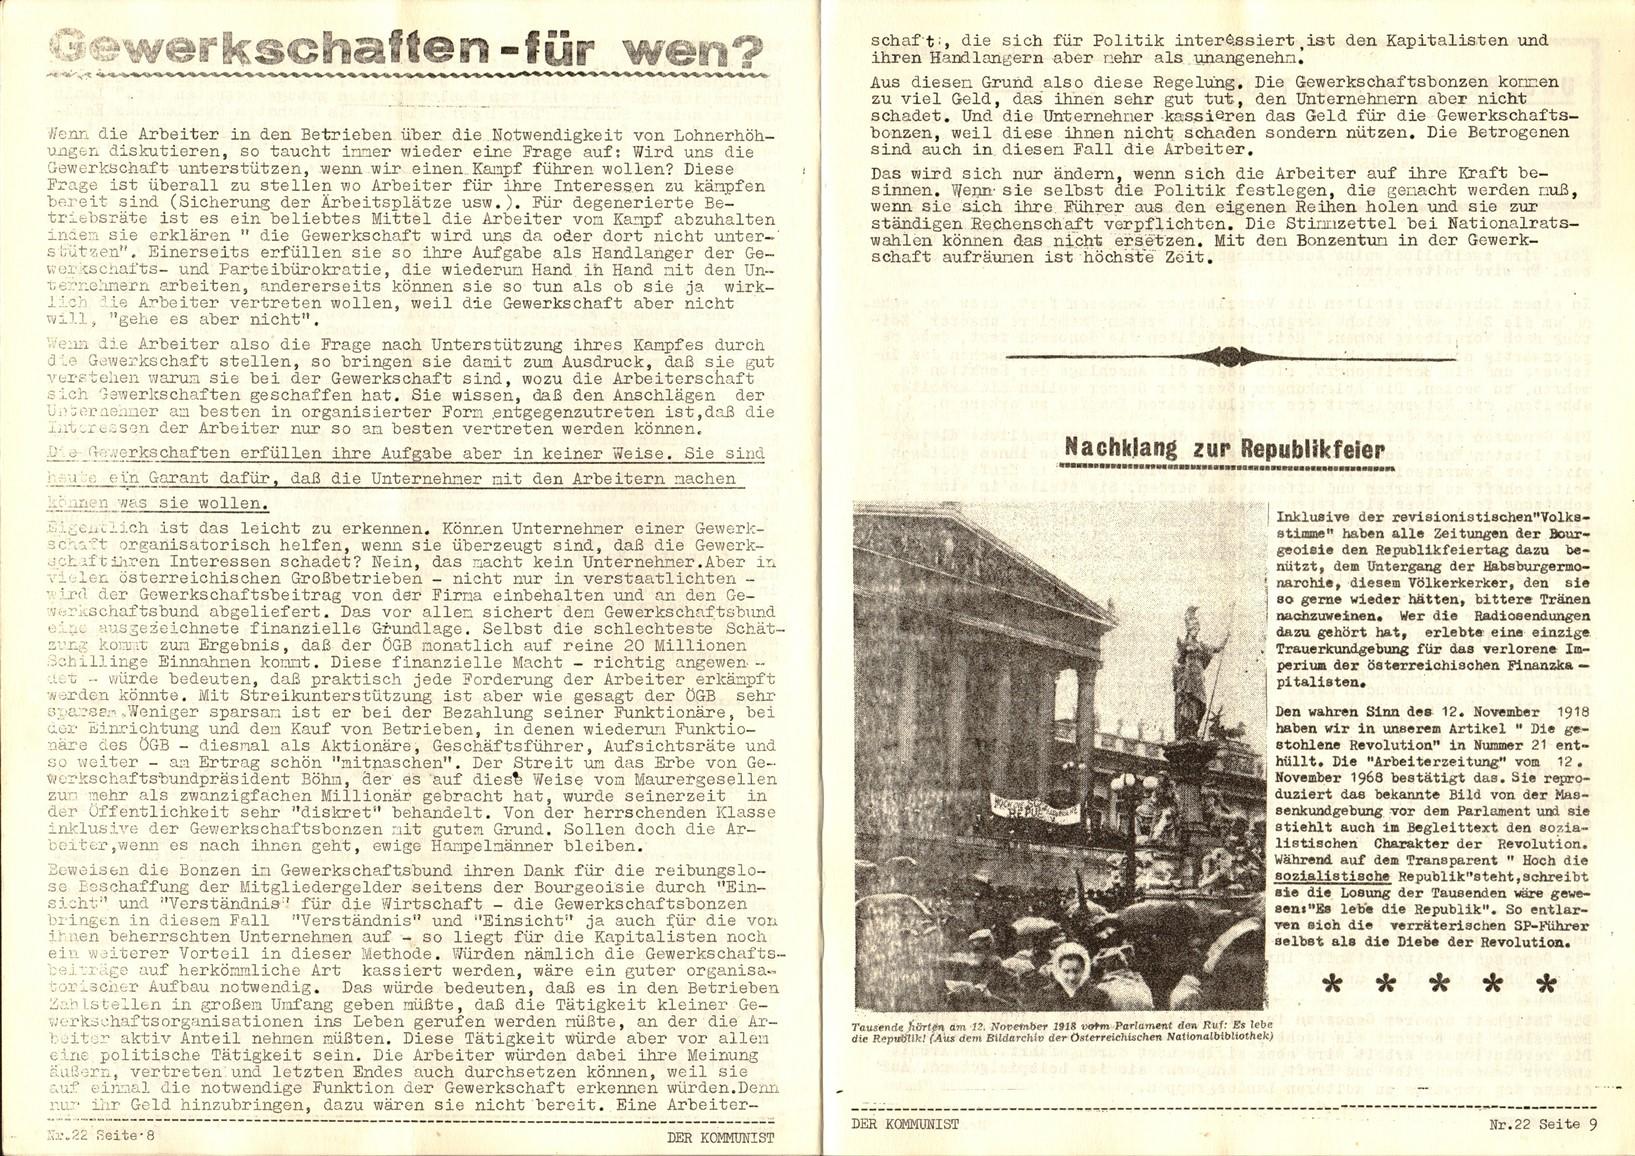 VRA_Der_Kommunist_19681200_05